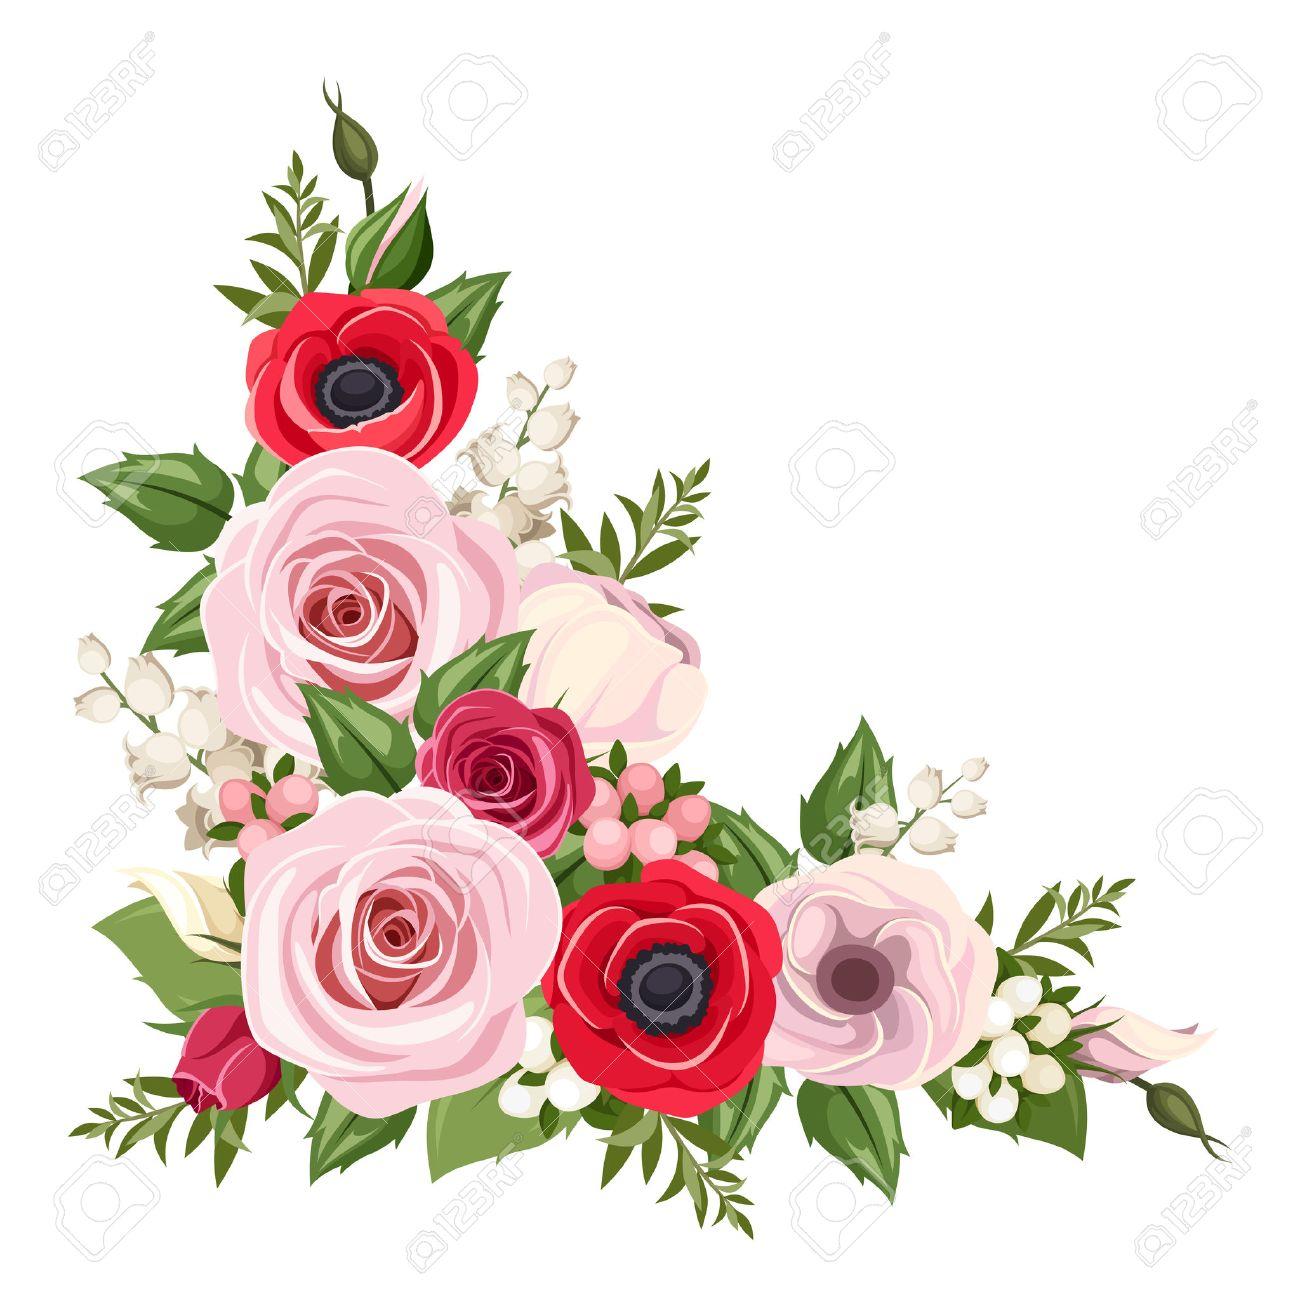 coin fleur banque d'images, vecteurs et illustrations libres de droits